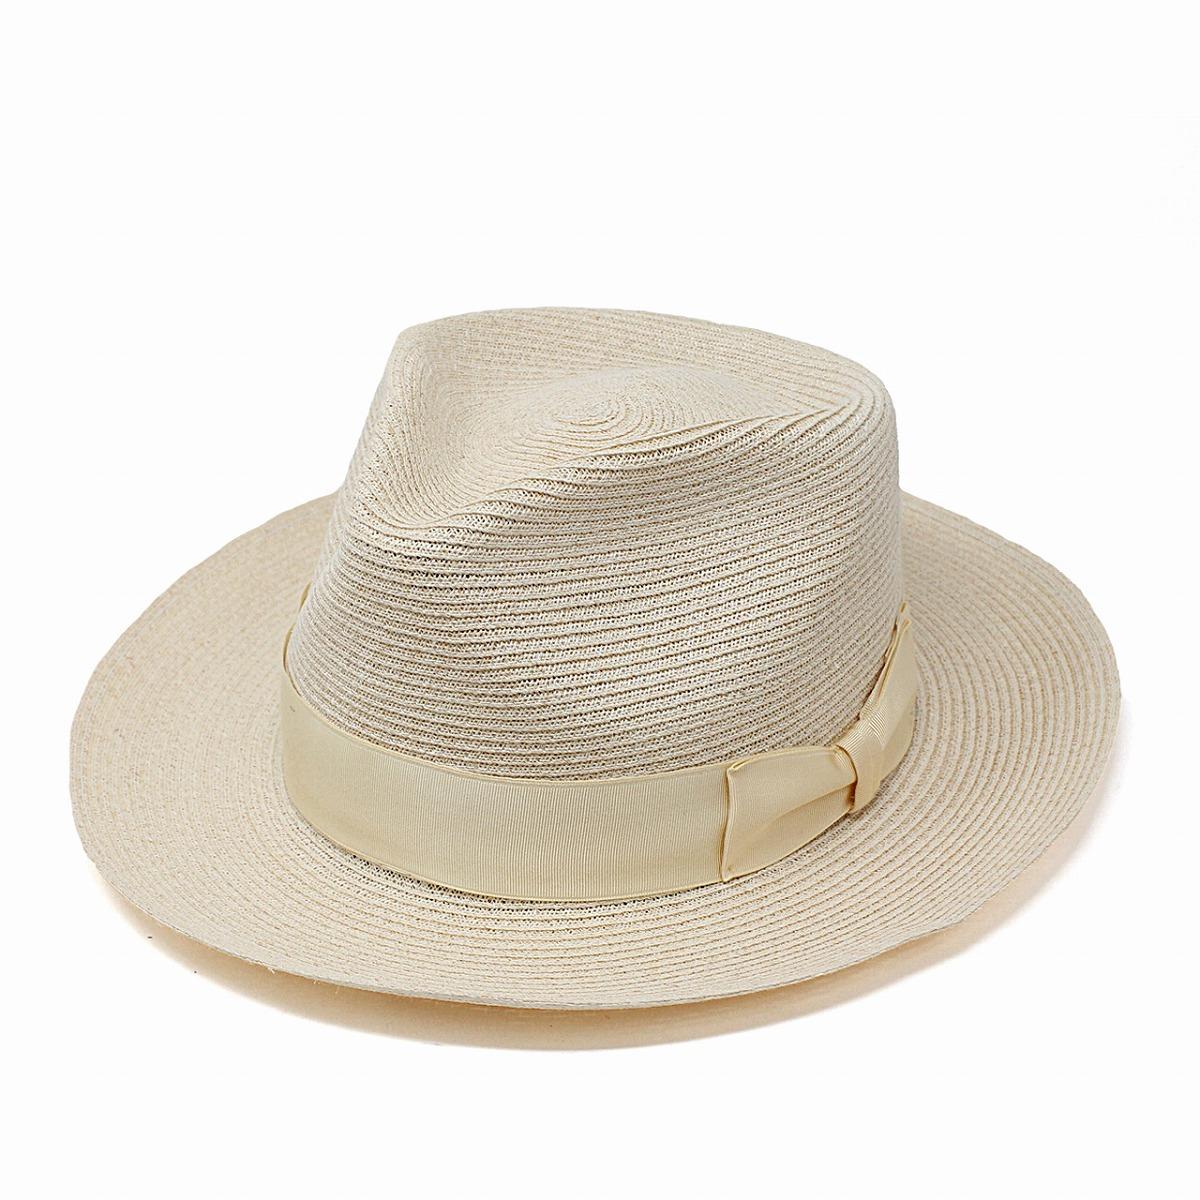 ストローハット ヘンプ100% ワイドブリム リボン 麦わら帽子 メンズ stetson 帽子 春 夏 大きいサイズ アメリカ製 ステットソン ハット 高級 帽子 中折れハット 紳士 M L XL ナチュラル[ fedora hat ][ straw hat ]送料無料 男性 プレゼント 父の日